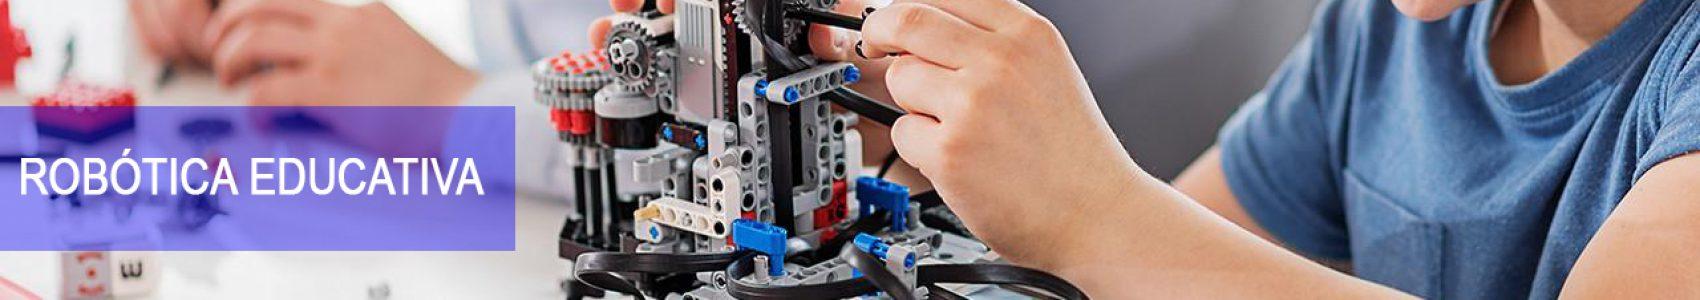 robotica-educativa-educacion-secundaria